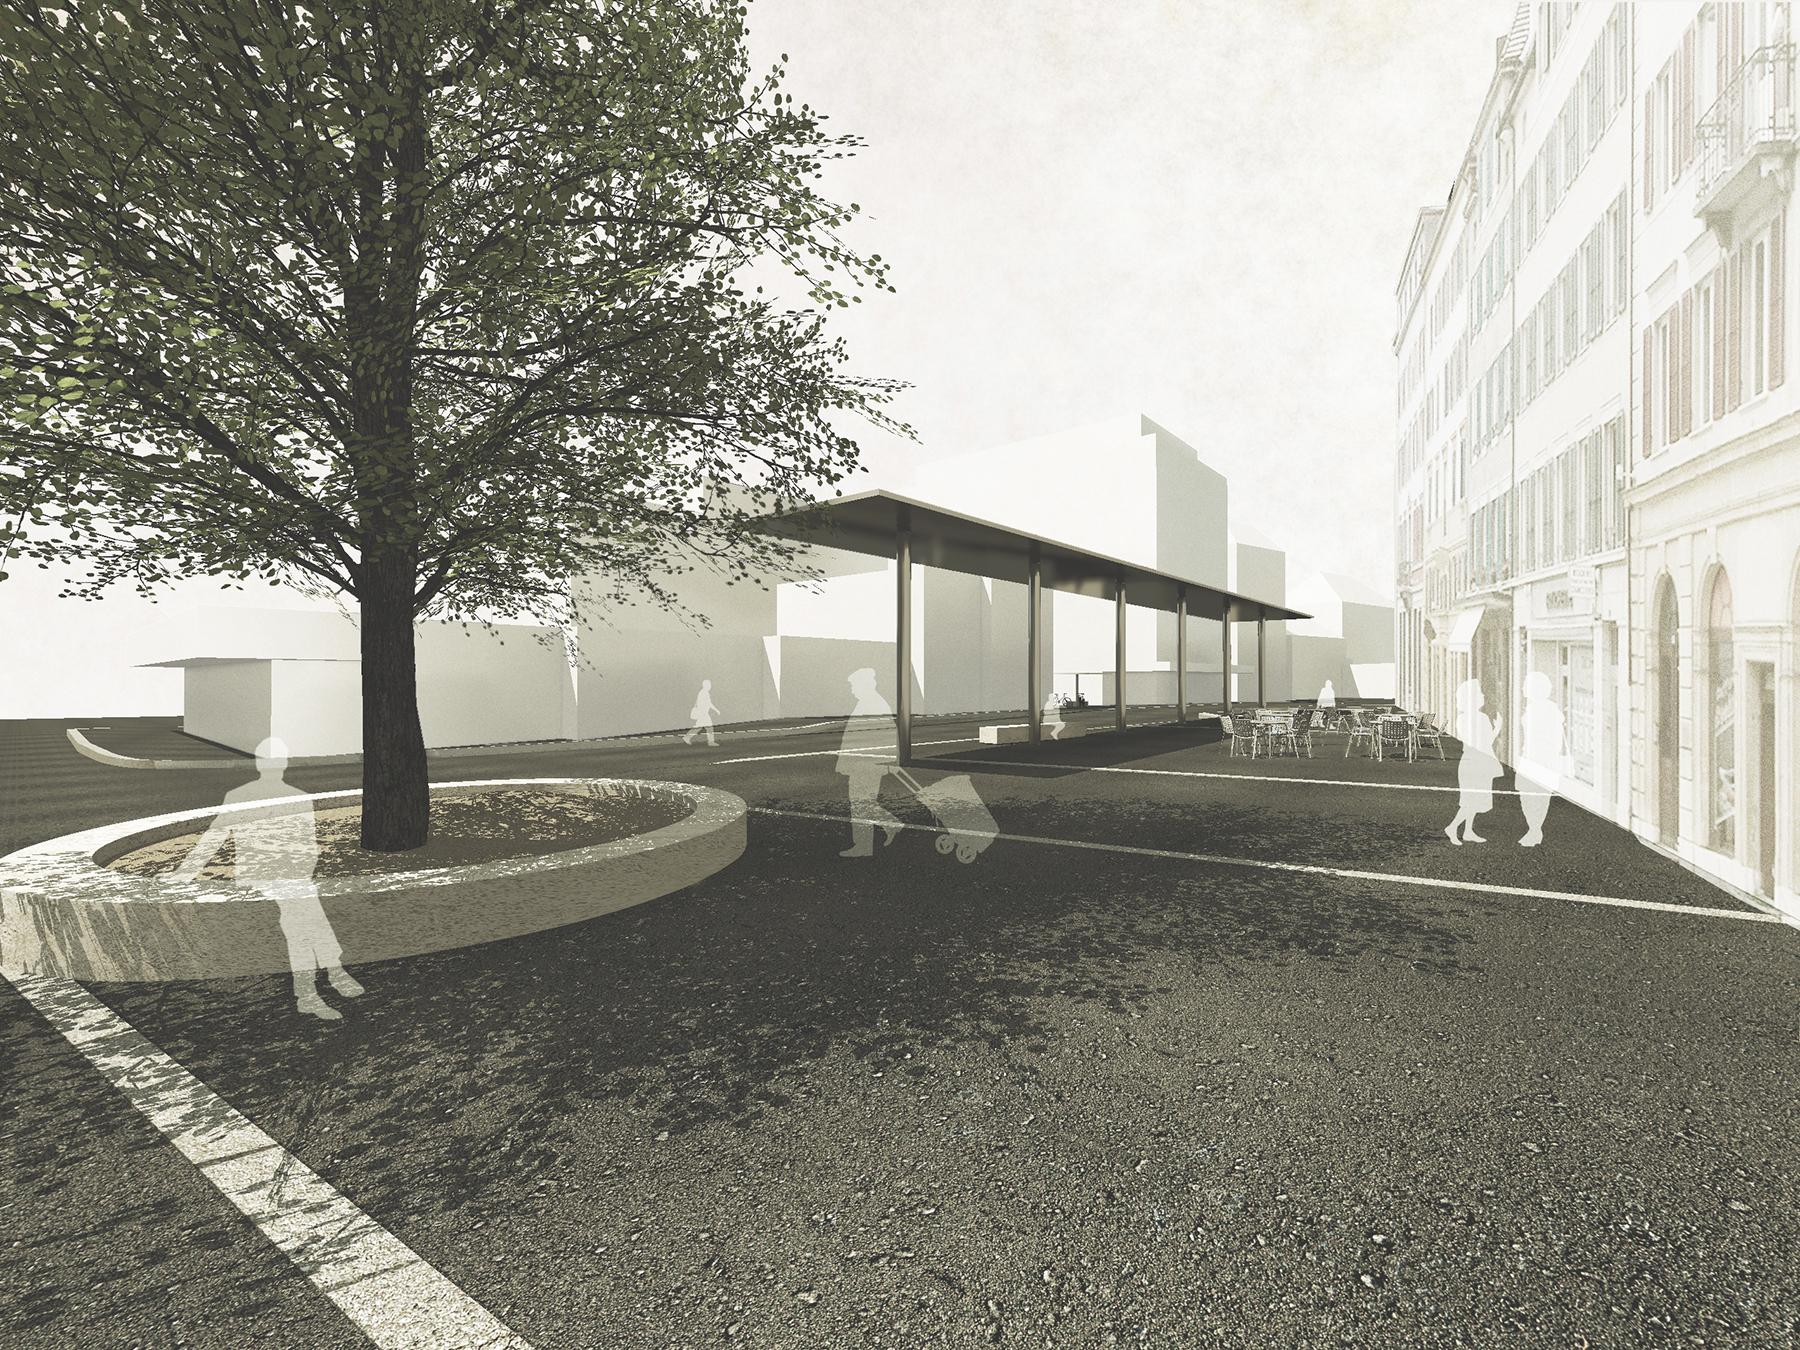 Aménagement place du 1er Août + esplanade de la Gare, Le Locle, Evéquoz Ferreira architectes, tout pile